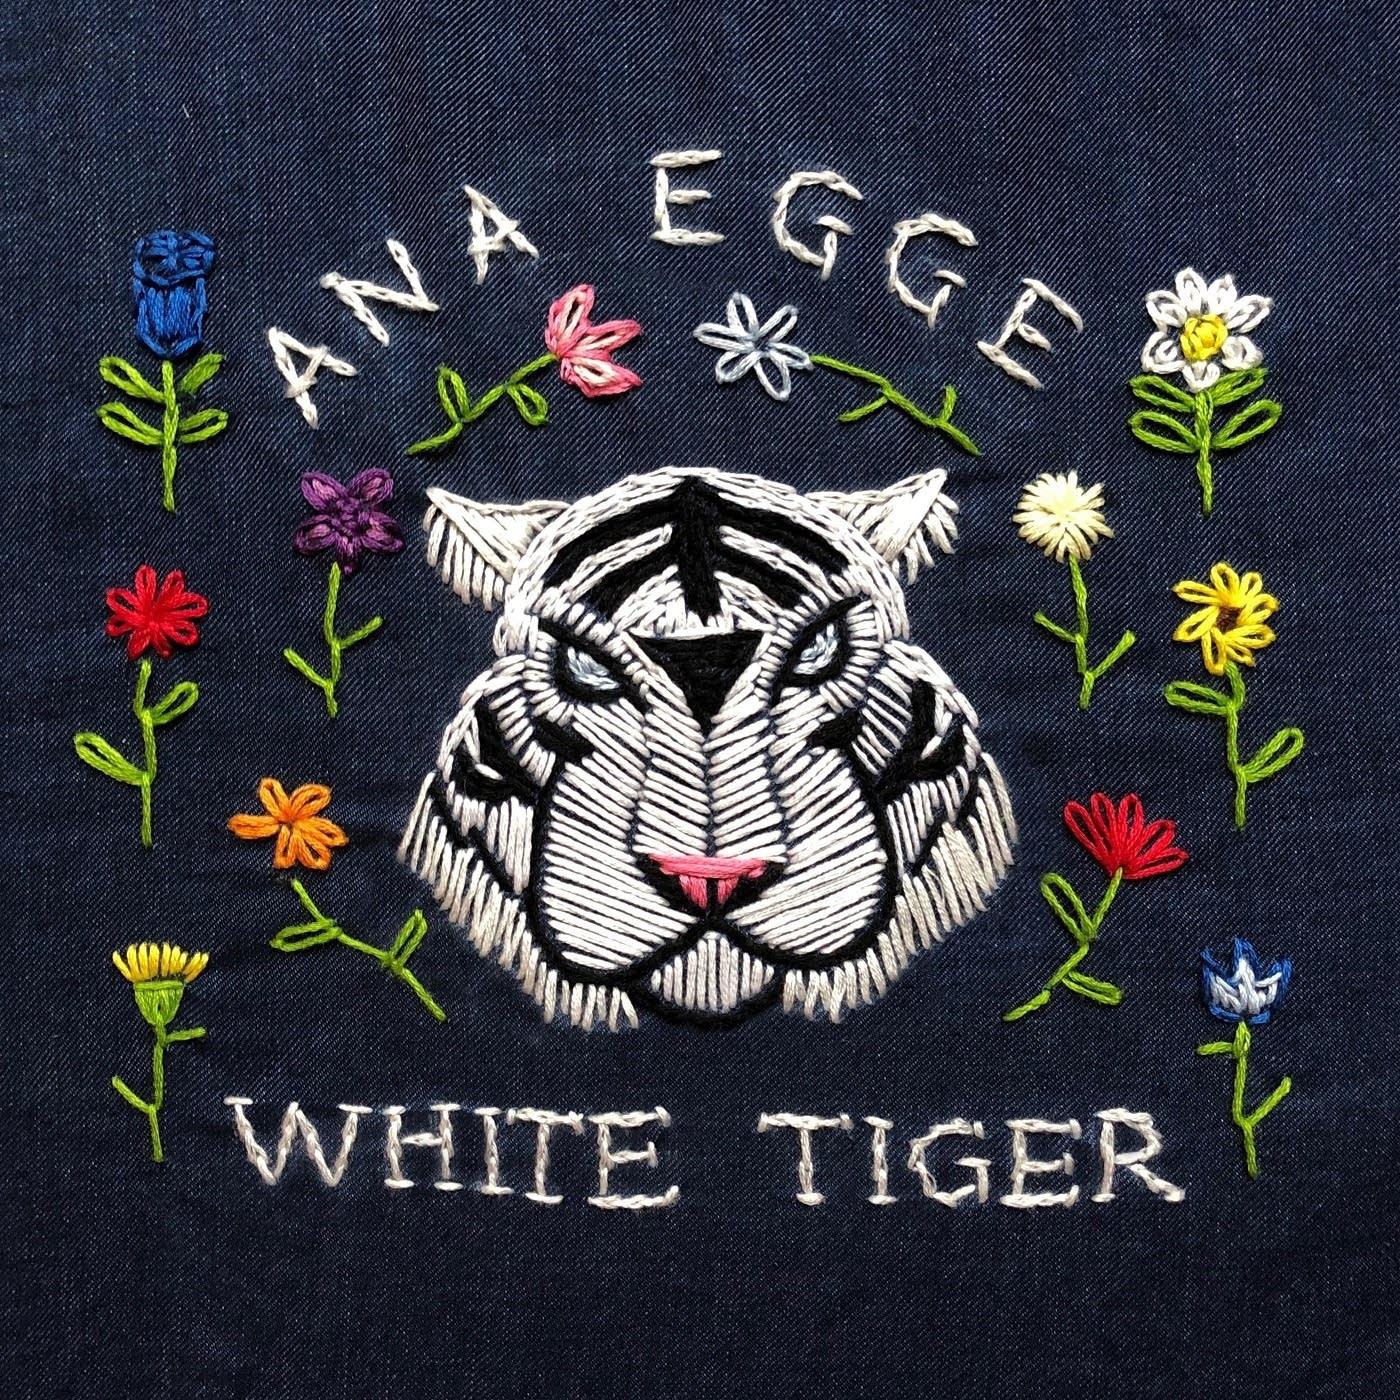 Ana Egge, 'White Tiger'